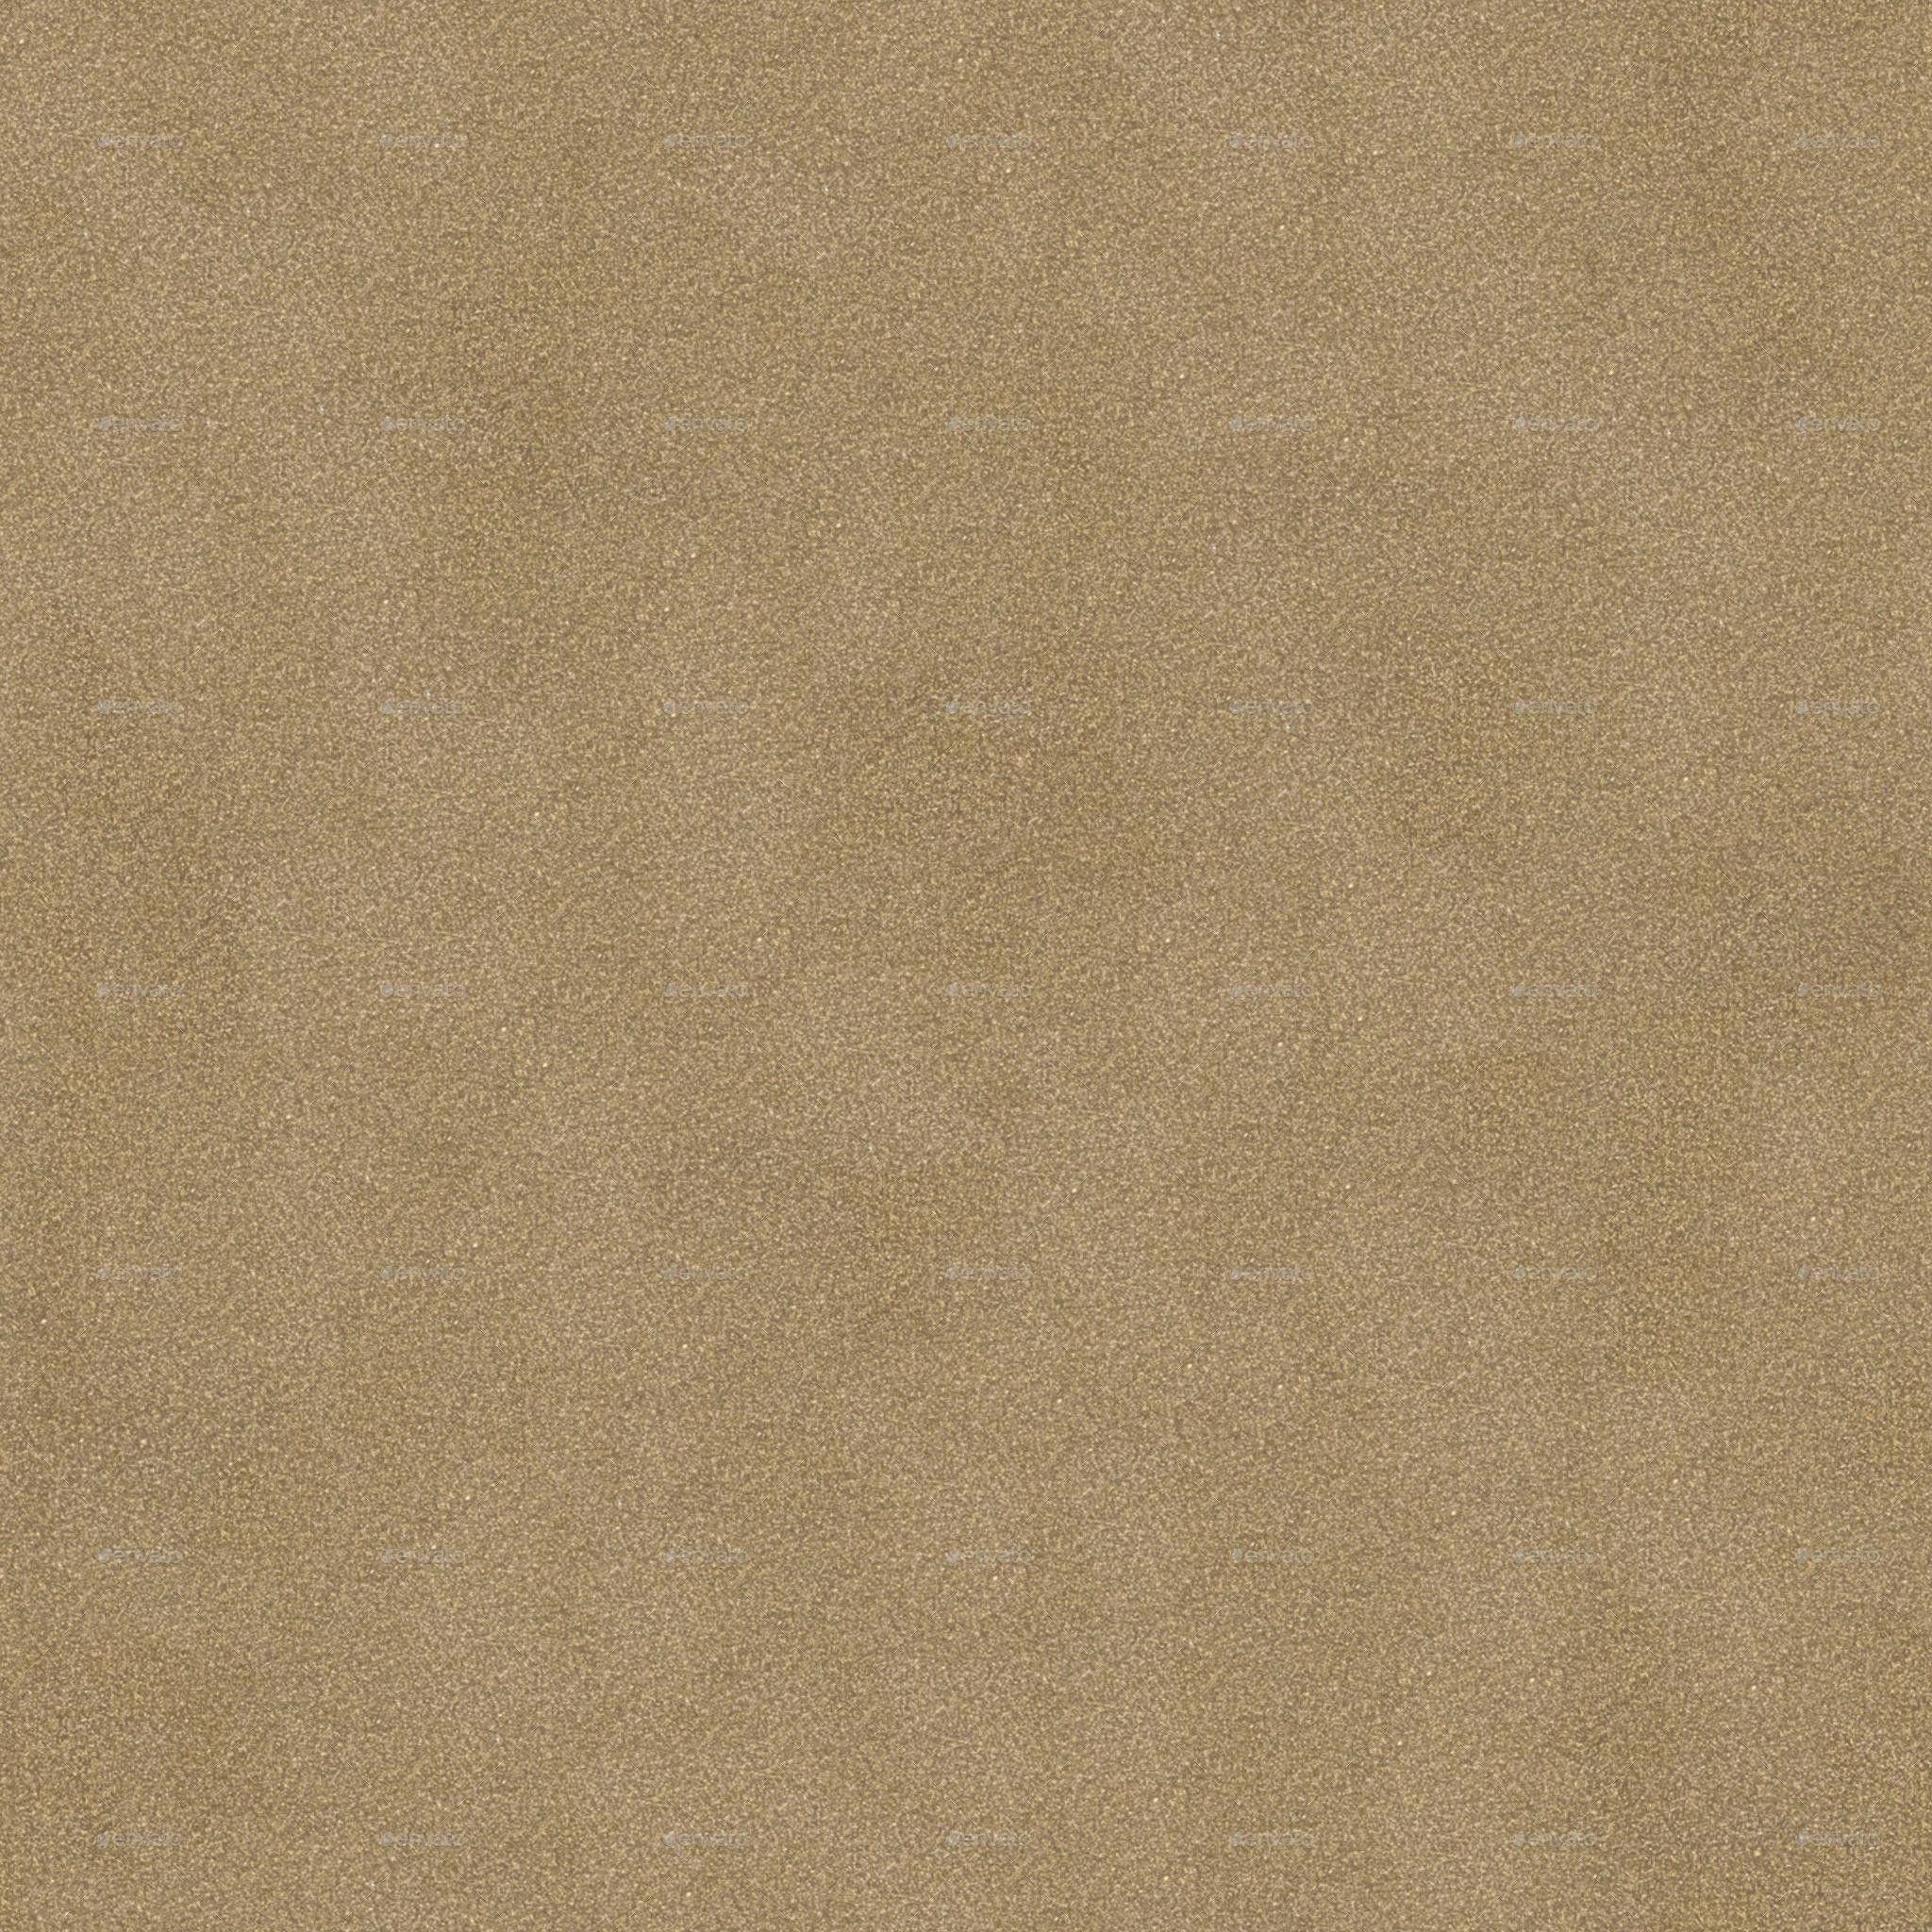 Brushed Metal Seamless Texture Set Volume 2 Seamless Textures